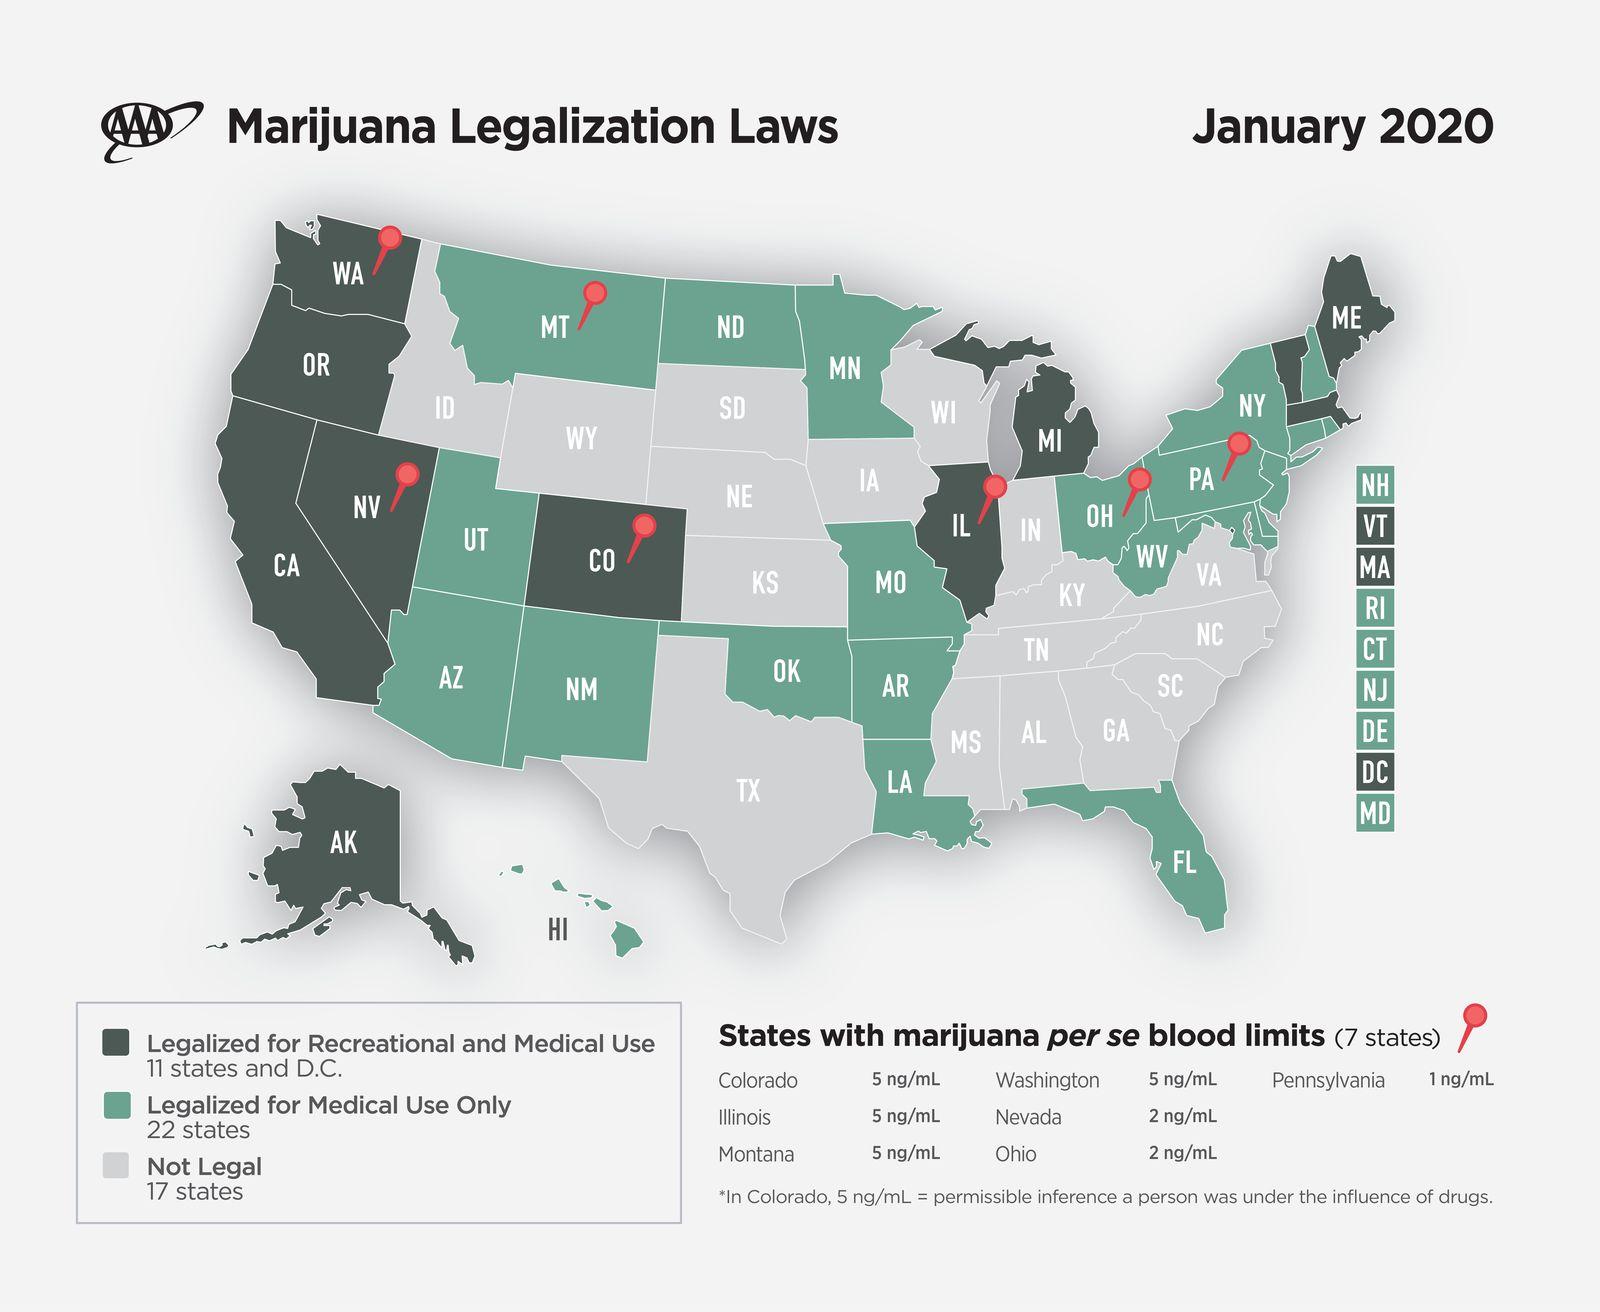 AAAFTS-Washington-Cannabis-Graphic-Map3-1 2